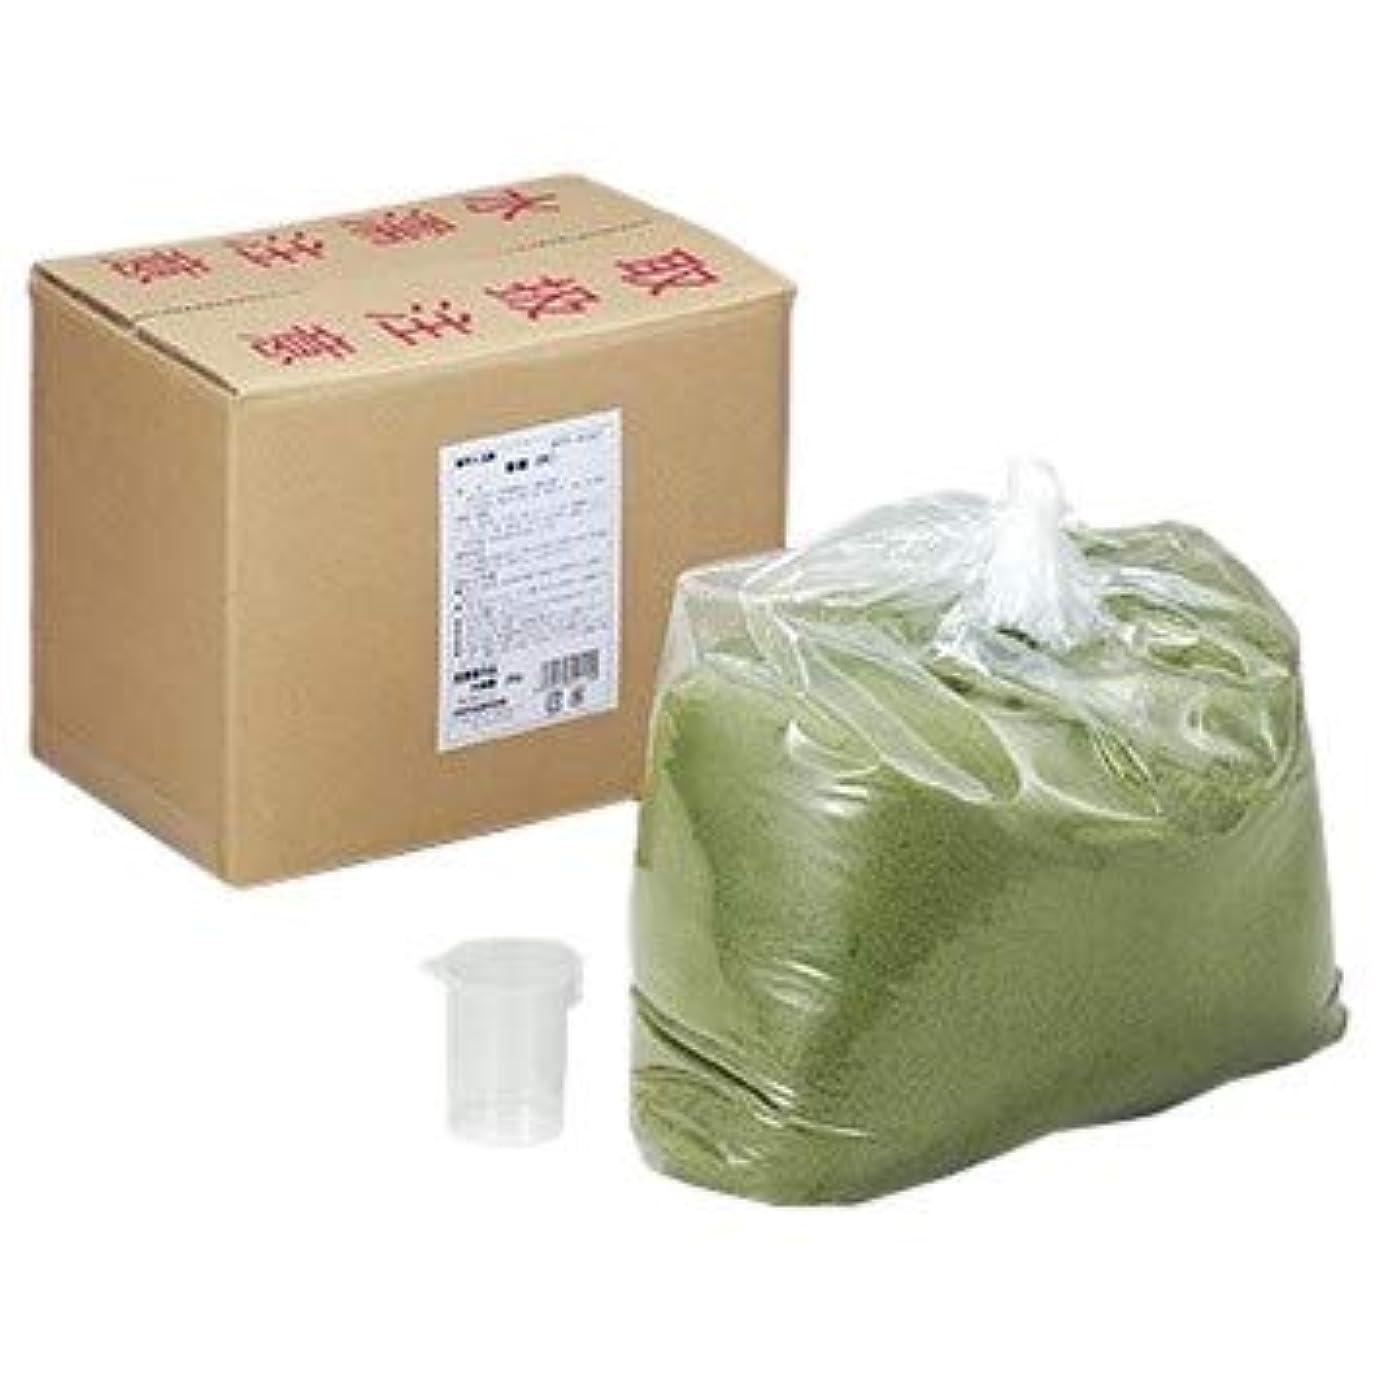 牧草地義務的トークン新緑 業務用 20kg 入浴剤 医薬部外品